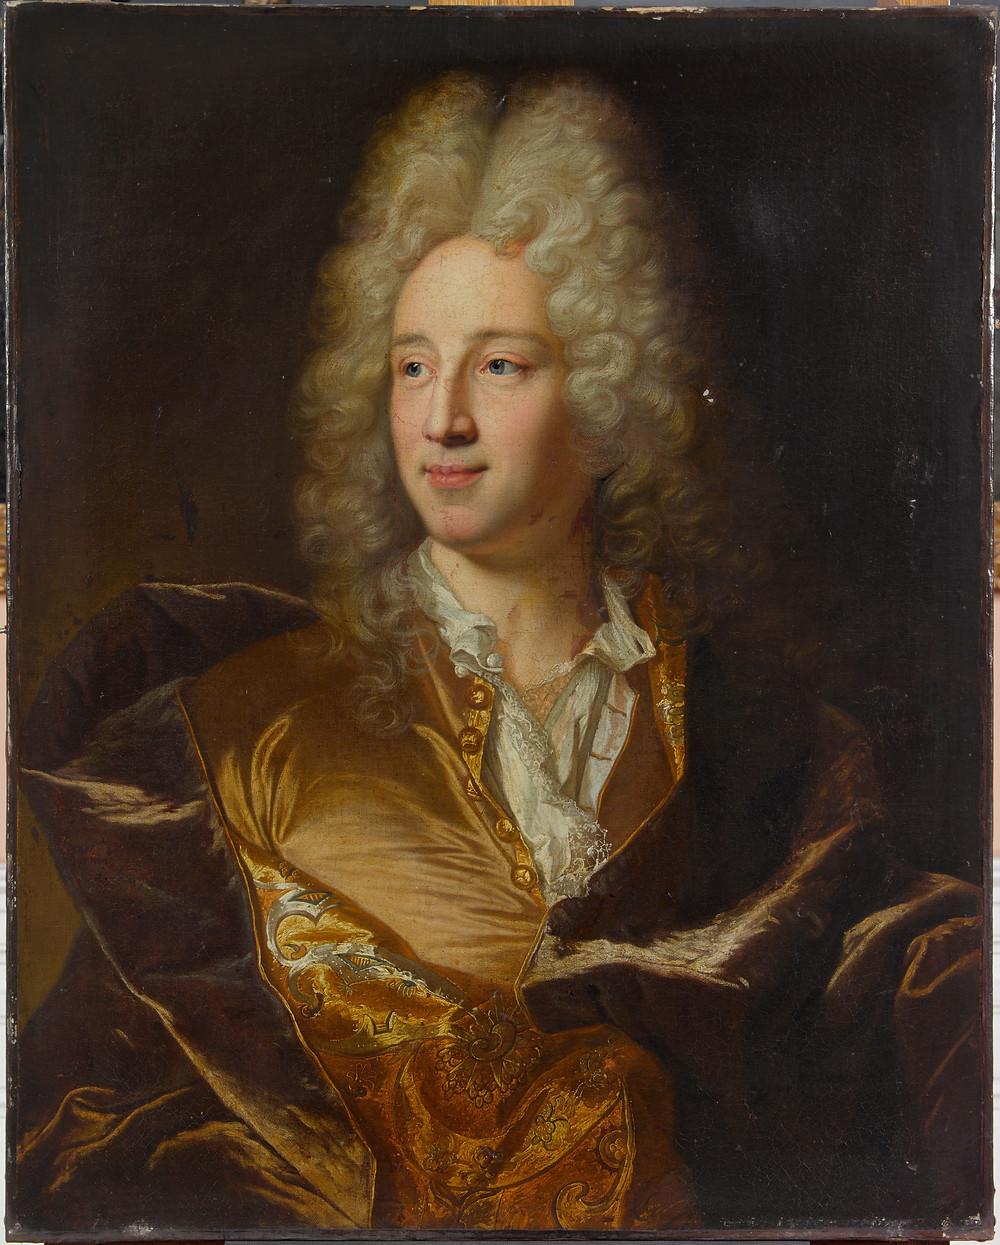 Atelier deHyacinthe Rigaud, Portrait d'un homme, vers1715-1720,Valenciennes, musée des Beaux-Arts, inv. P.46.1.219.